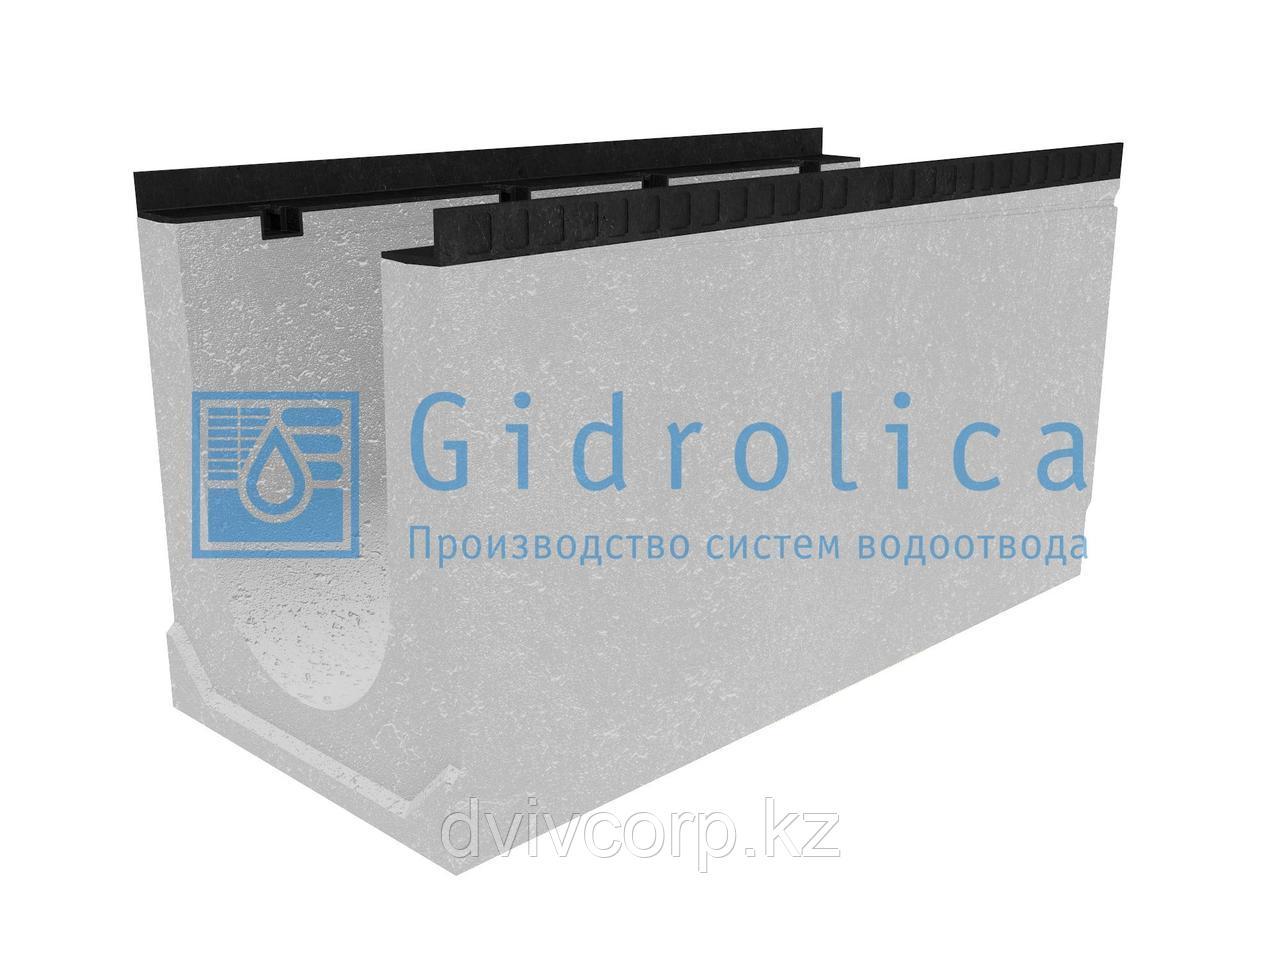 Лоток водоотводный бетонный коробчатый (СО-300мм), с уклоном 0,5%  КUу 100.44(30).53(46) - BGМ, № 16